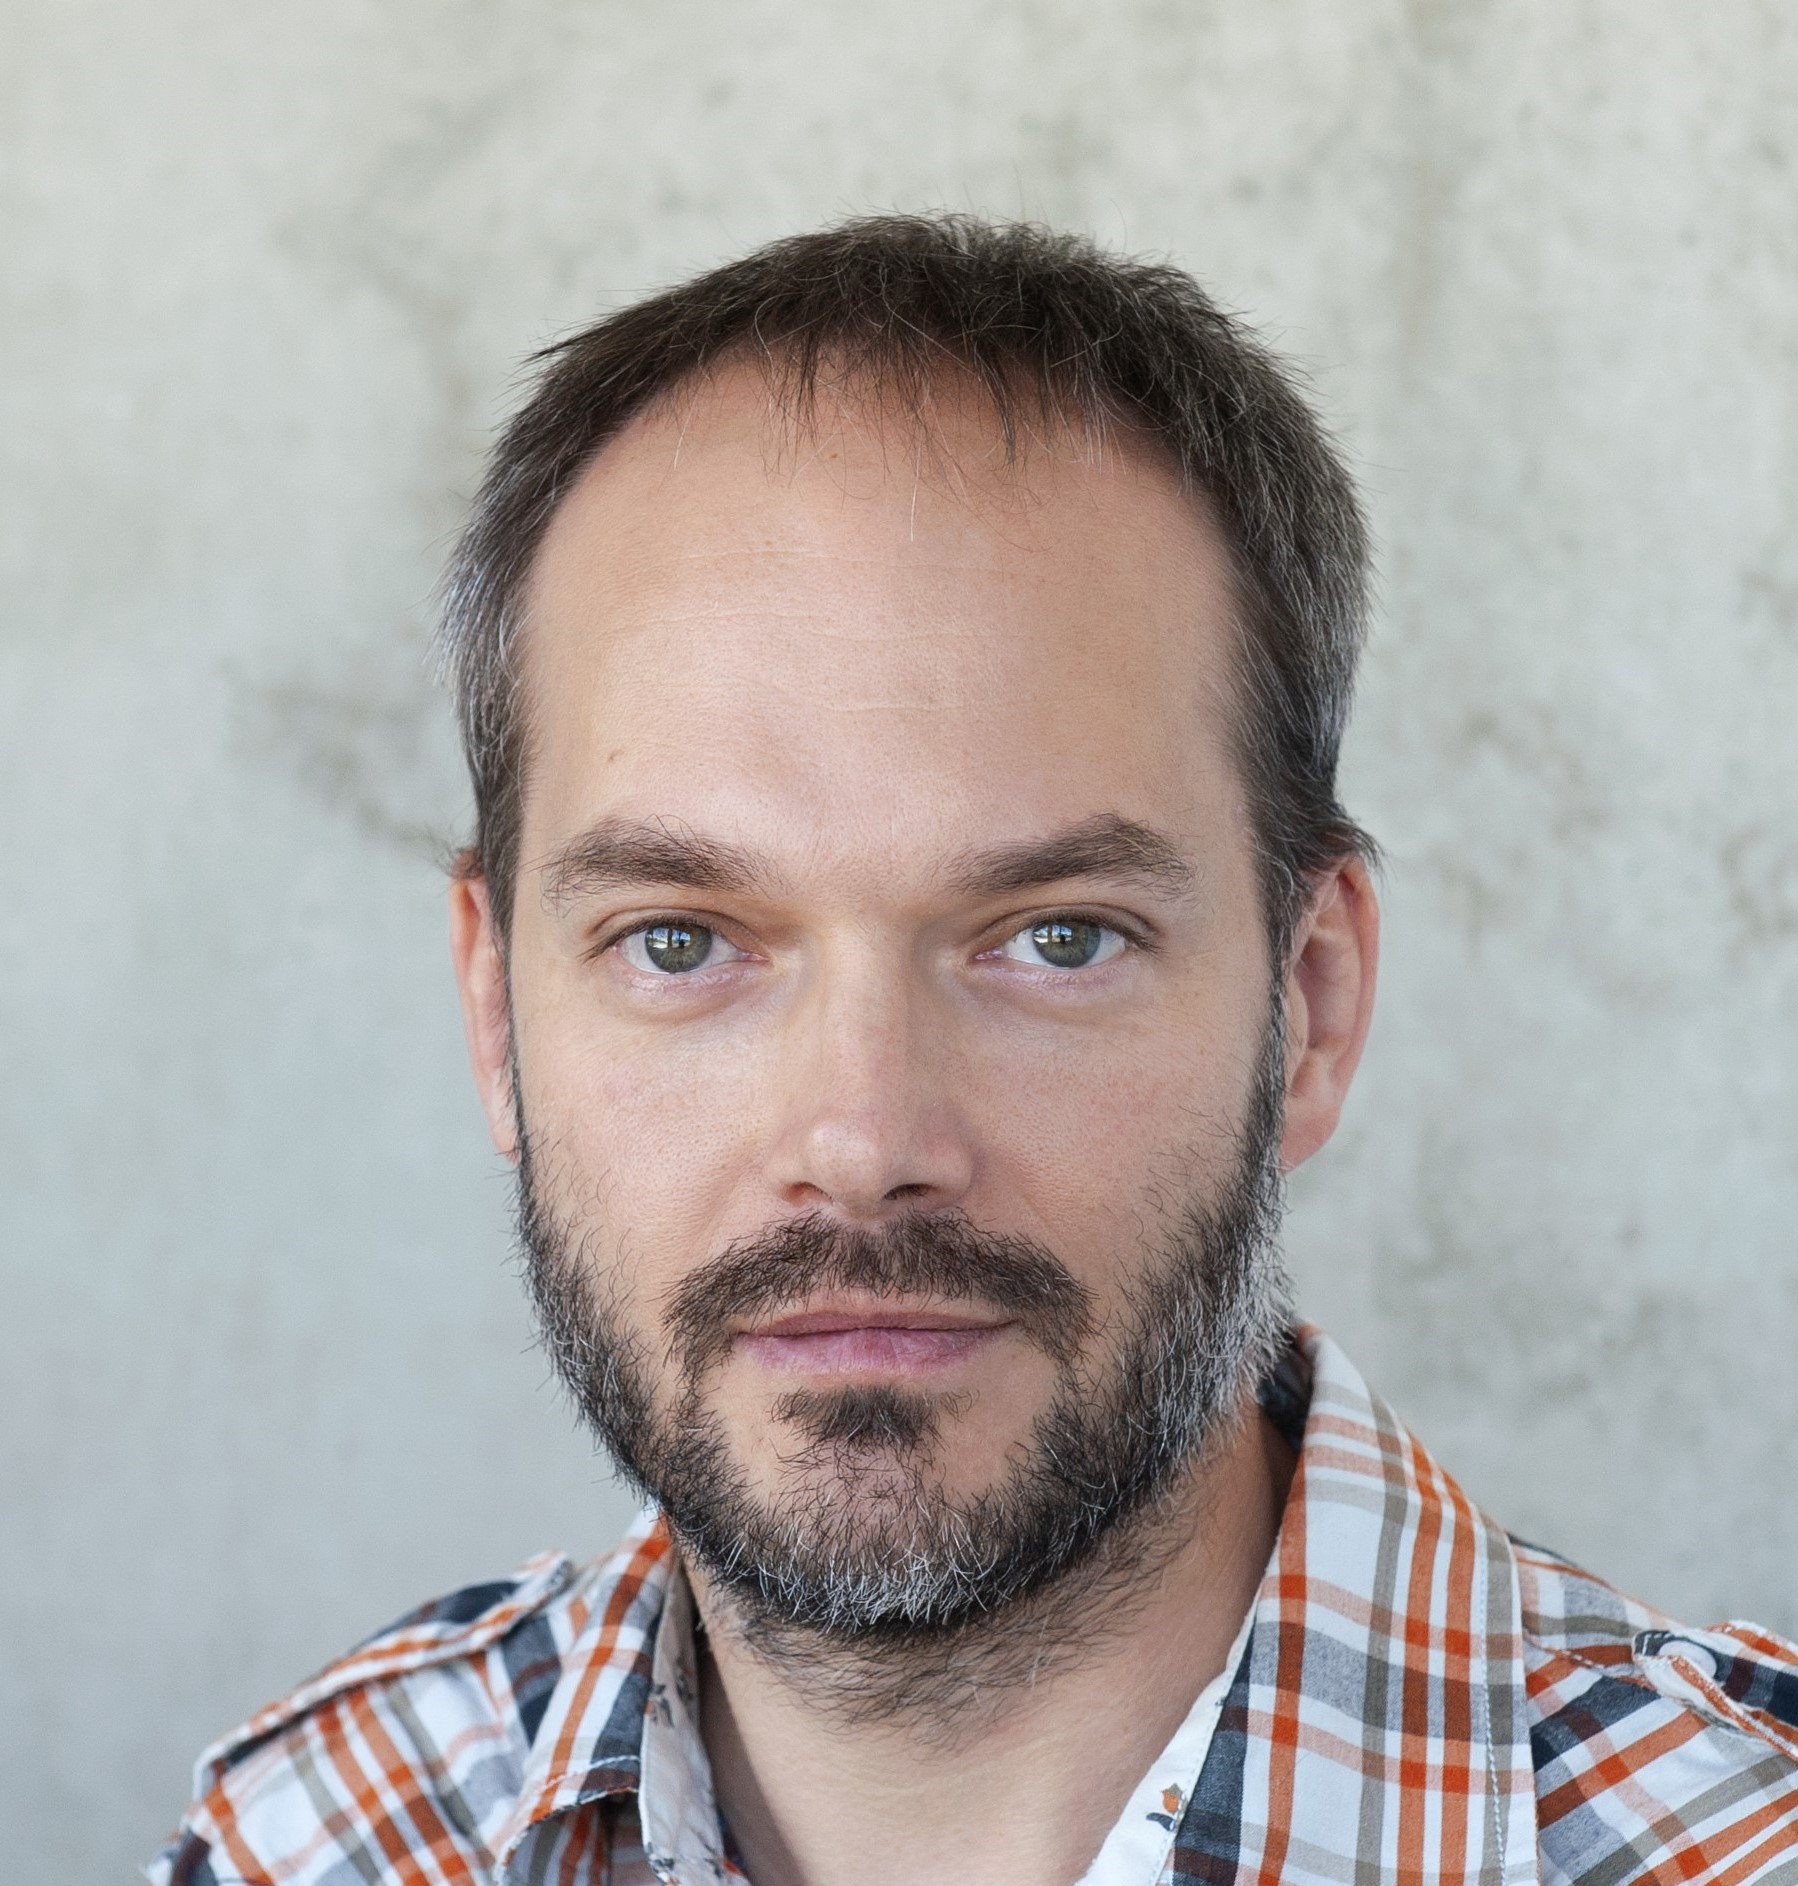 Jan Včelák